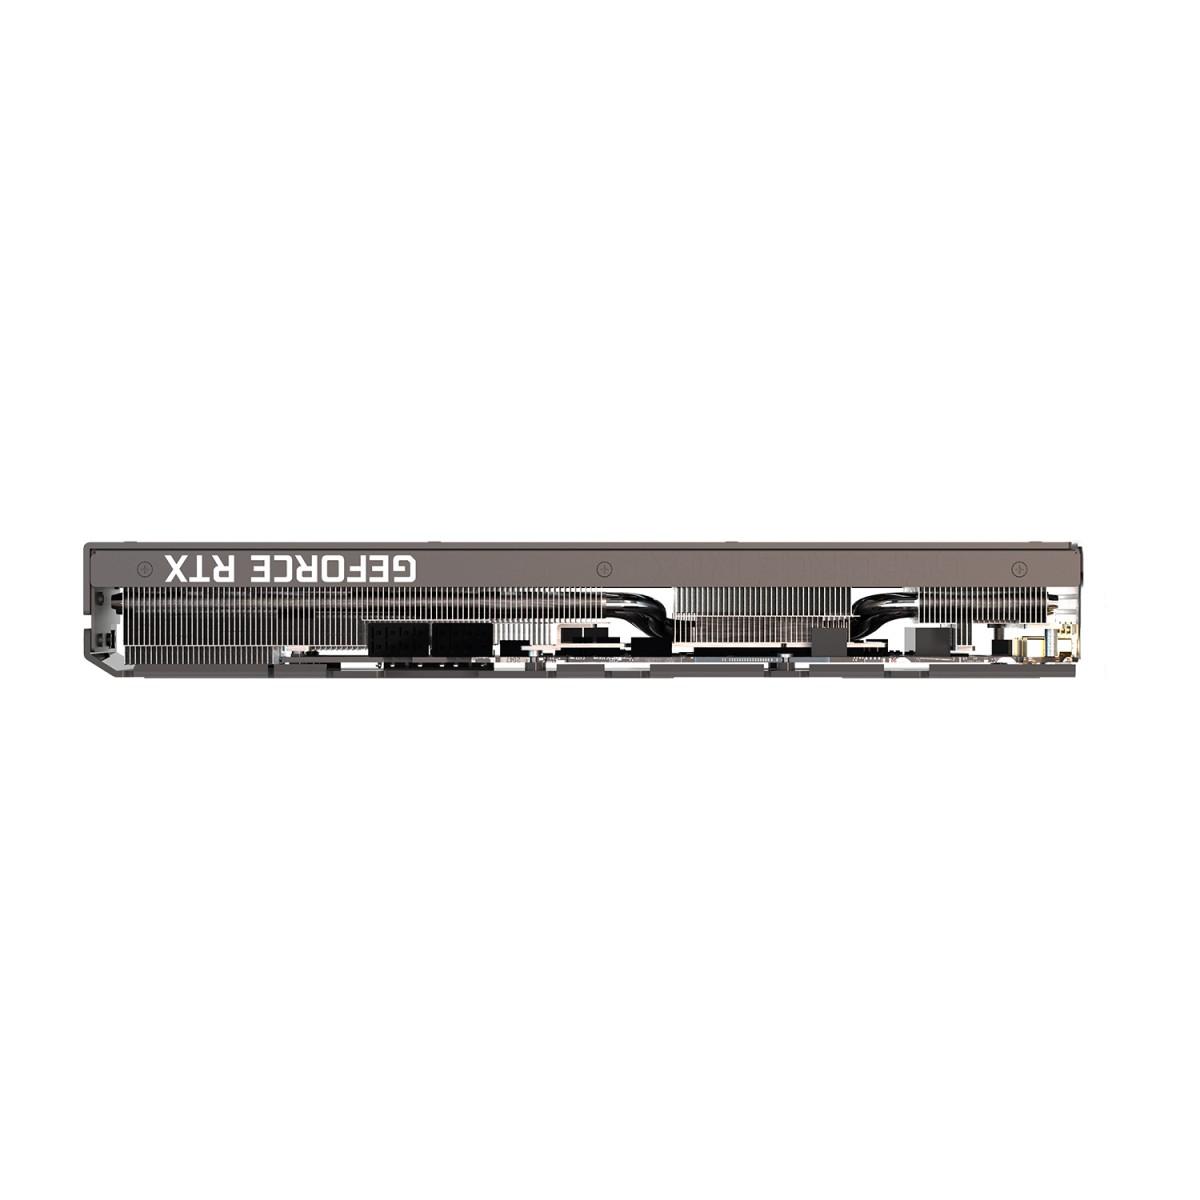 Placa de Vídeo INNO3D NVIDIA GeForce RTX 3070 TI X3, 8GB, GDDR6X, 256bit, LHR, N307T3-086X-1820VA45